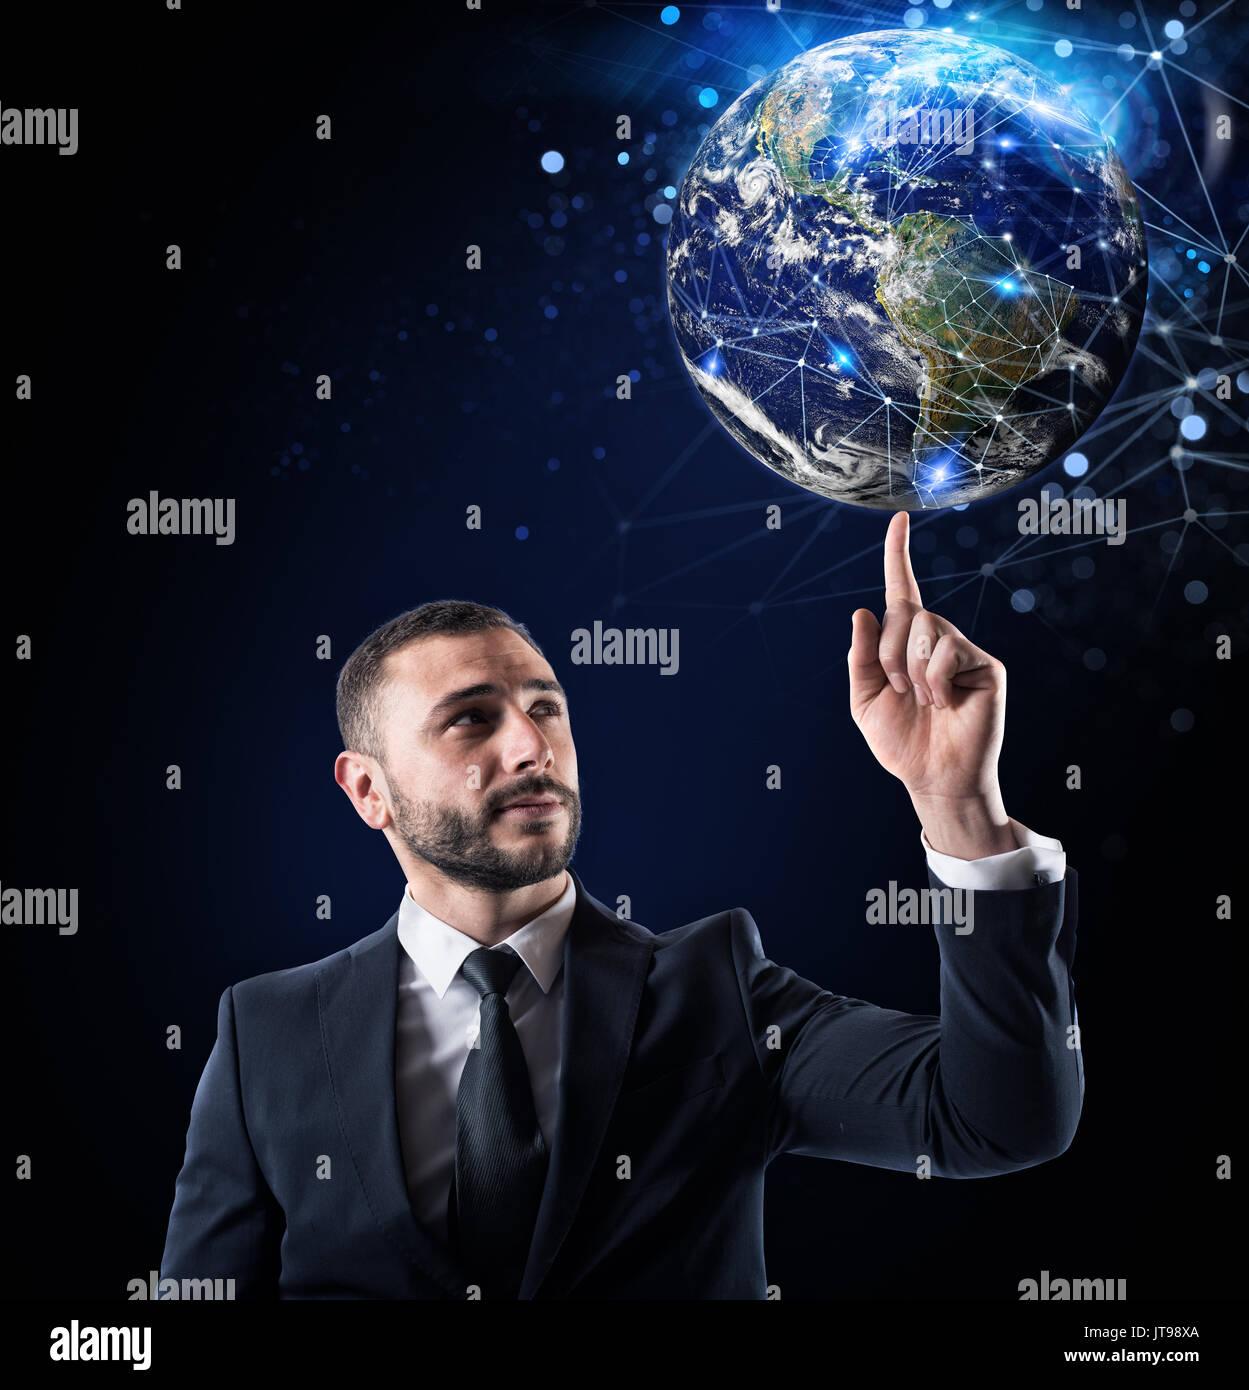 Global internet verbindung Konzept. Welt von der NASA zur Verfügung gestellt Stockbild